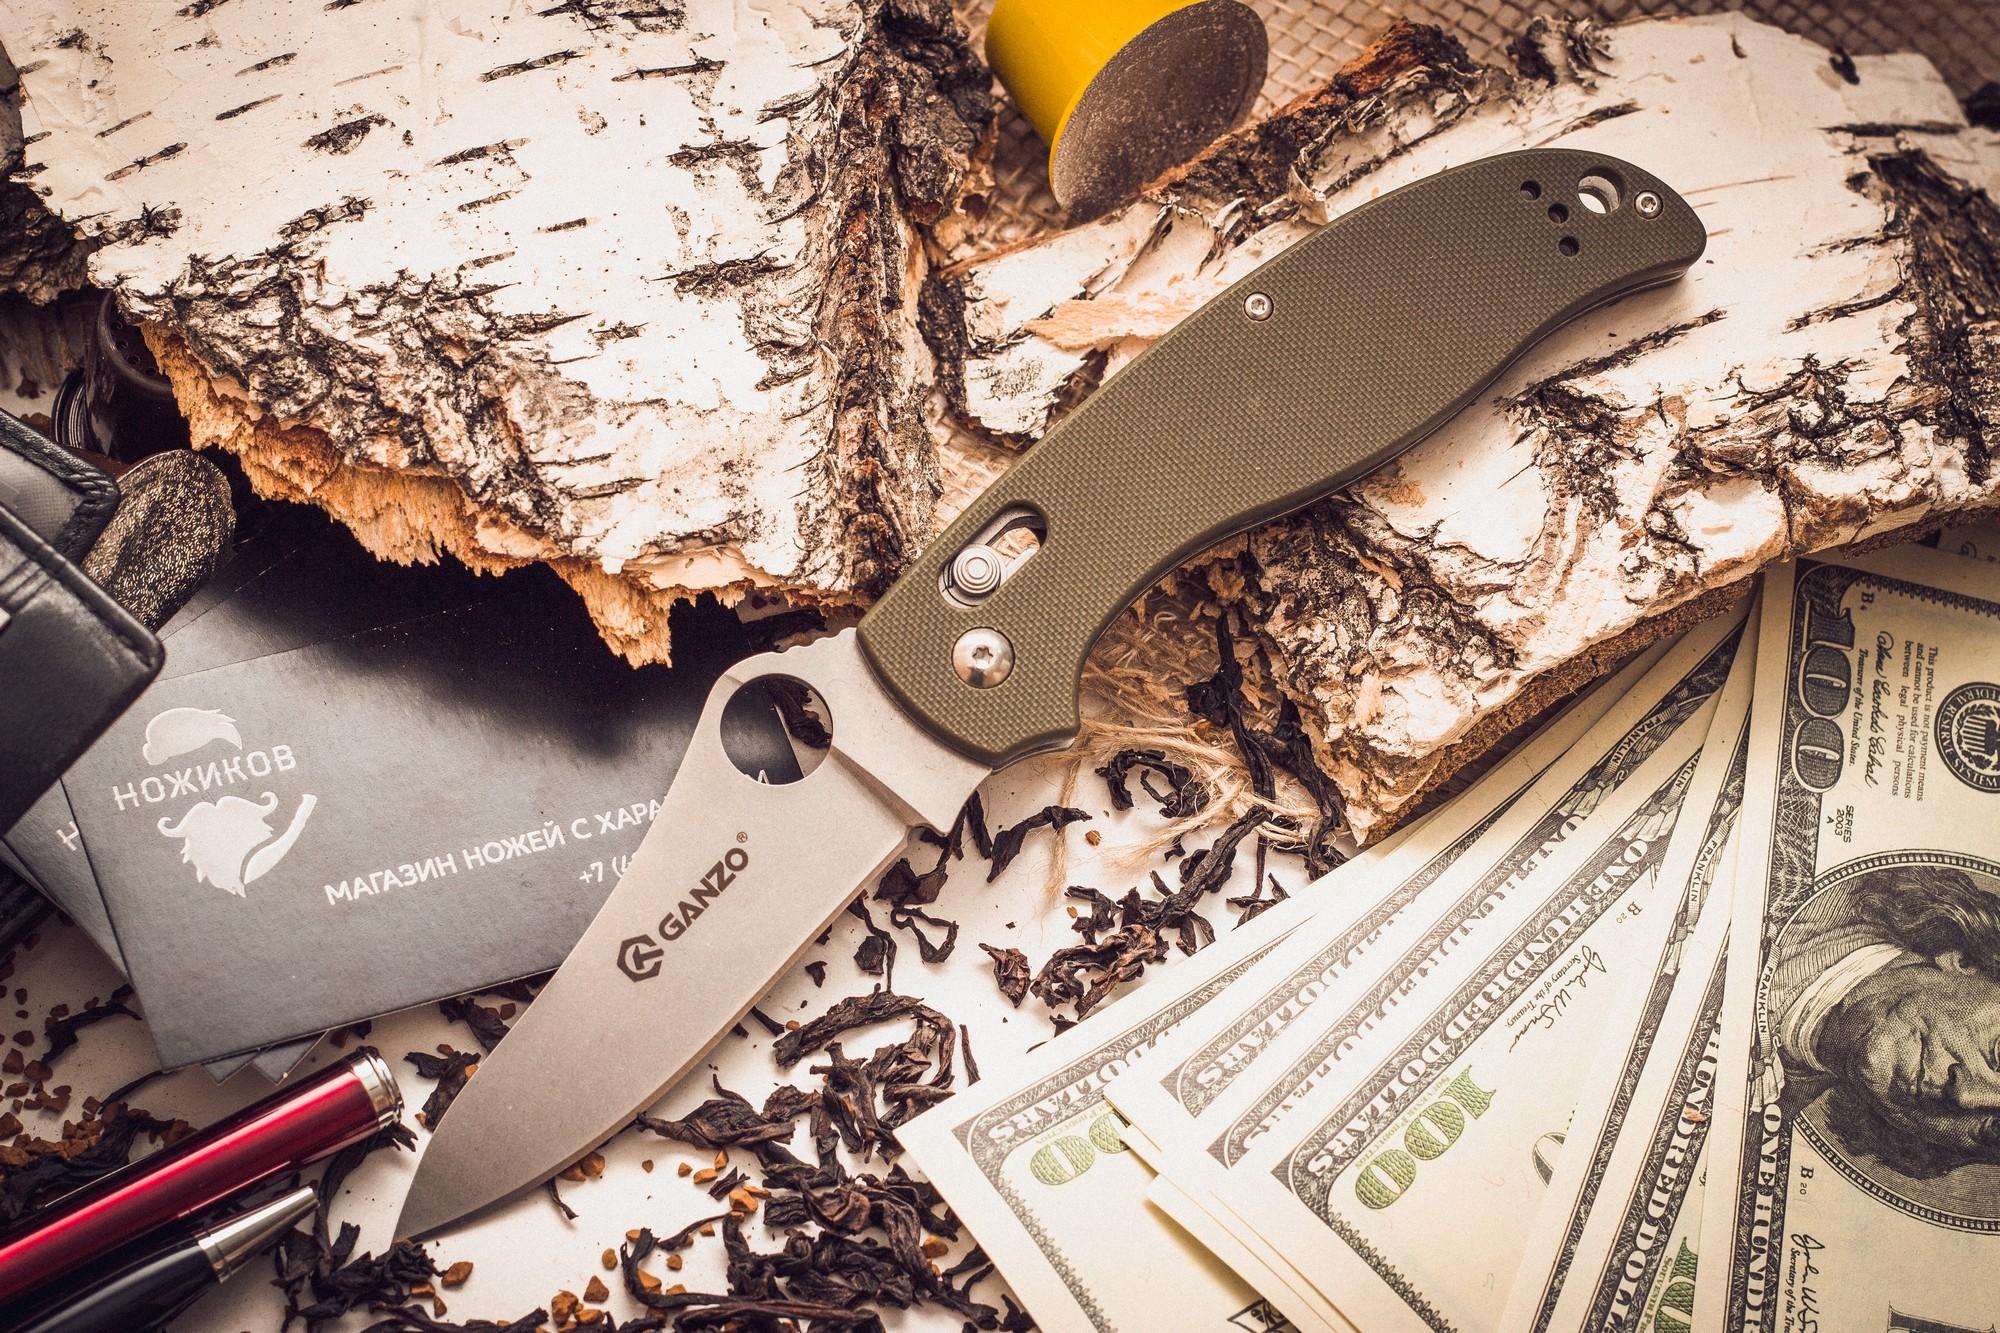 Складной нож Ganzo G733, зеленыйРаскладные ножи<br>Ganzo G733 занял достойное место в обширном семействе складных ножей этого бренда. Производители снабдили его всем необходимым, чтобы этот нож прекрасно служил во время отдыха на природе и был полезен в городских условиях. Для лезвия производители избрали сталь 440С из категории нержавеющих сплавов. Она считается лучшей в своей серии, поскольку уравновешивает наиболее важные для ножевого металла характеристики. Сталь переносит контакты с водой, не ржавея, но в ней содержится достаточно много углерода, чтобы твердость закалки можно было довести до 58 HRC. Поэтому ножи из нее достаточно долго не затупляются. Ganzo G733 гладко заточен, а потому для ухода за ним подойдет практически любая карманная или стационарная точилка. Поверхность клинка обработана популярным в настоящее время методом Stone Wash. В результате, лезвие становится практически матовым, хотя и отражает некоторые солнечные лучи. Но важно, что мелкие дефекты, такие как царапины, на его поверхности гораздо менее заметны.<br>Для рукоятки также задействованы современные материалы. Это G10 – пластик с композитной структурой, который гораздо прочнее других разновидностей пластика. Чтобы рукоятка ножа удобно лежала в руке, ей придали форму, повторяющую очертания сжатой ладони. А поверхность пластика — с накаткой, которая препятствует проскальзыванию во влажных руках. На одной из сторон, зафиксирована клипса из стали, которая служит для страховочного крепления ножа во время его переноски. С этой же целью, в рукоятку можно продеть темляк.<br>Сделан по аналогузнаменитогоножа Spyderco.<br>